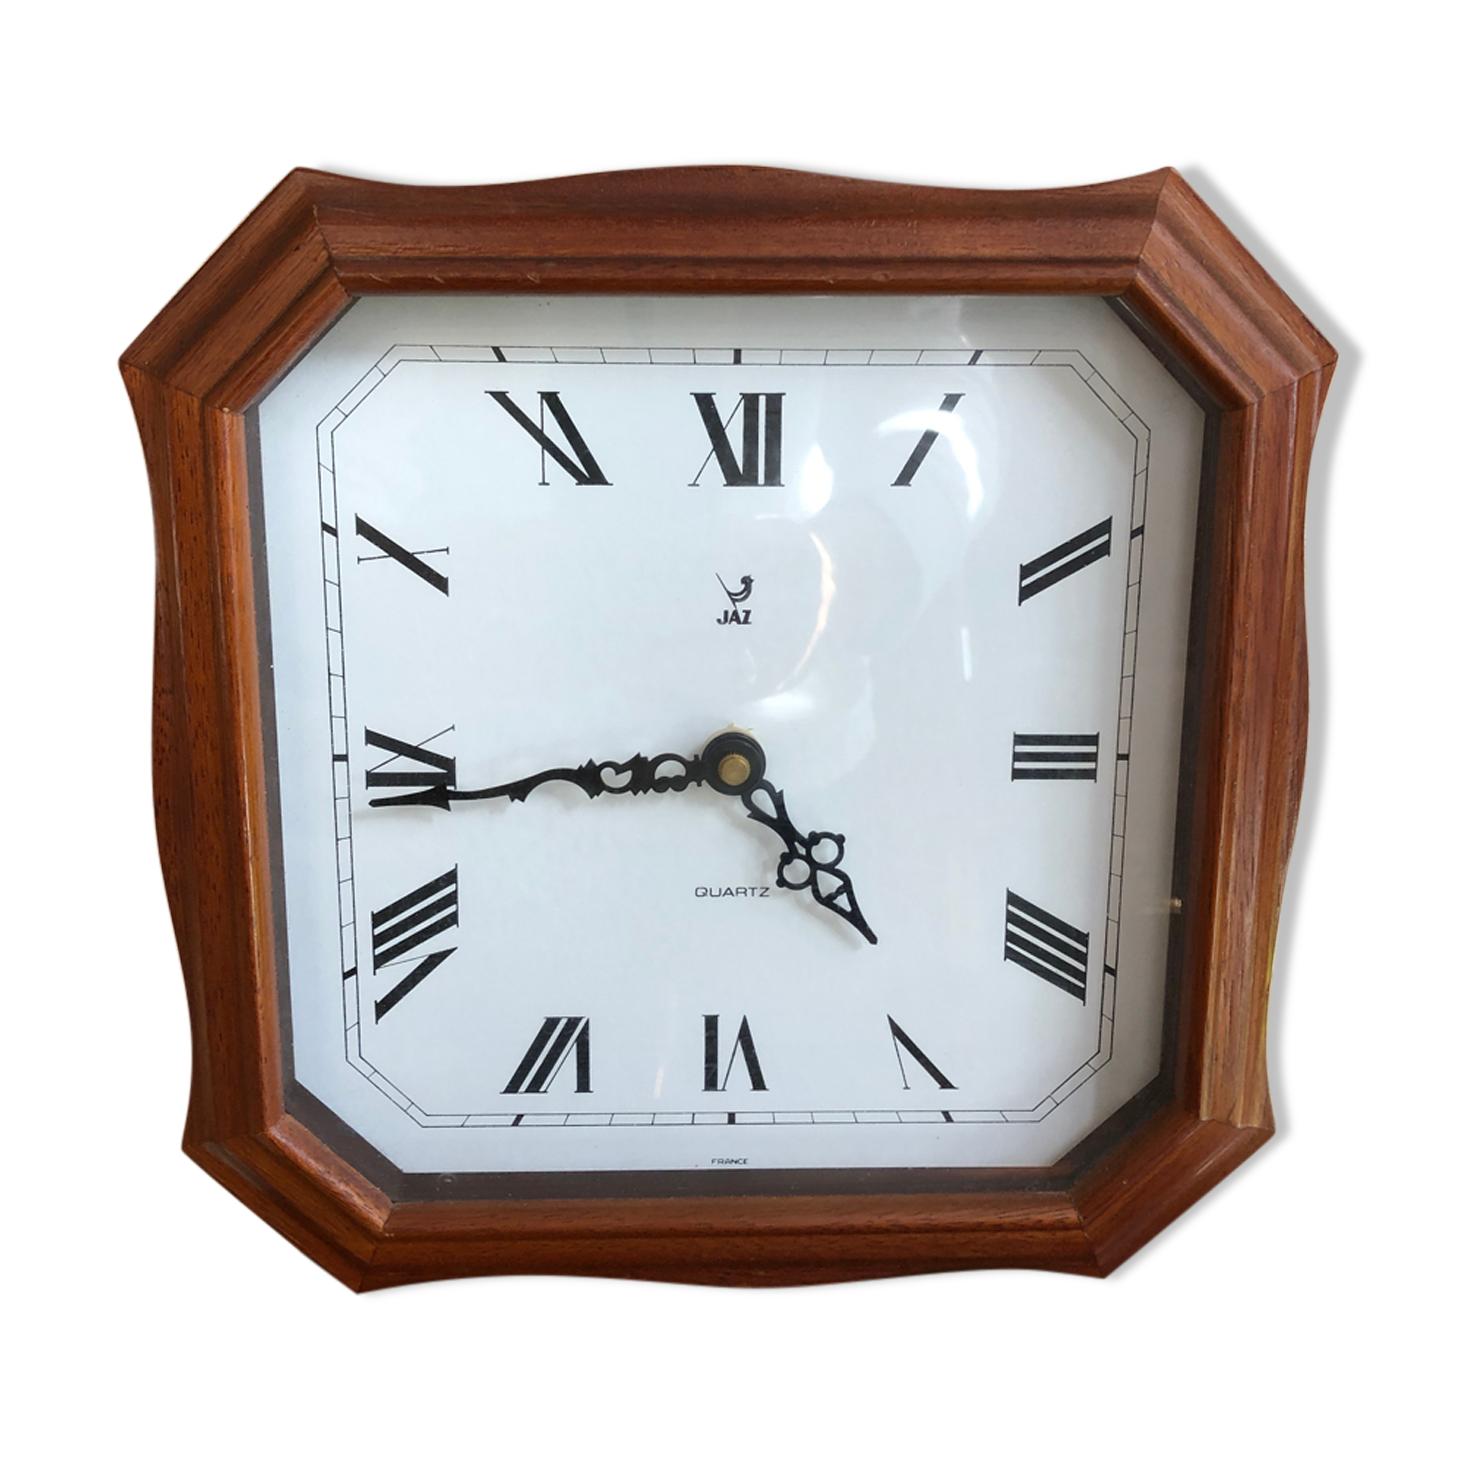 Ancienne pendule horloge jaz quartz contour bois vintage